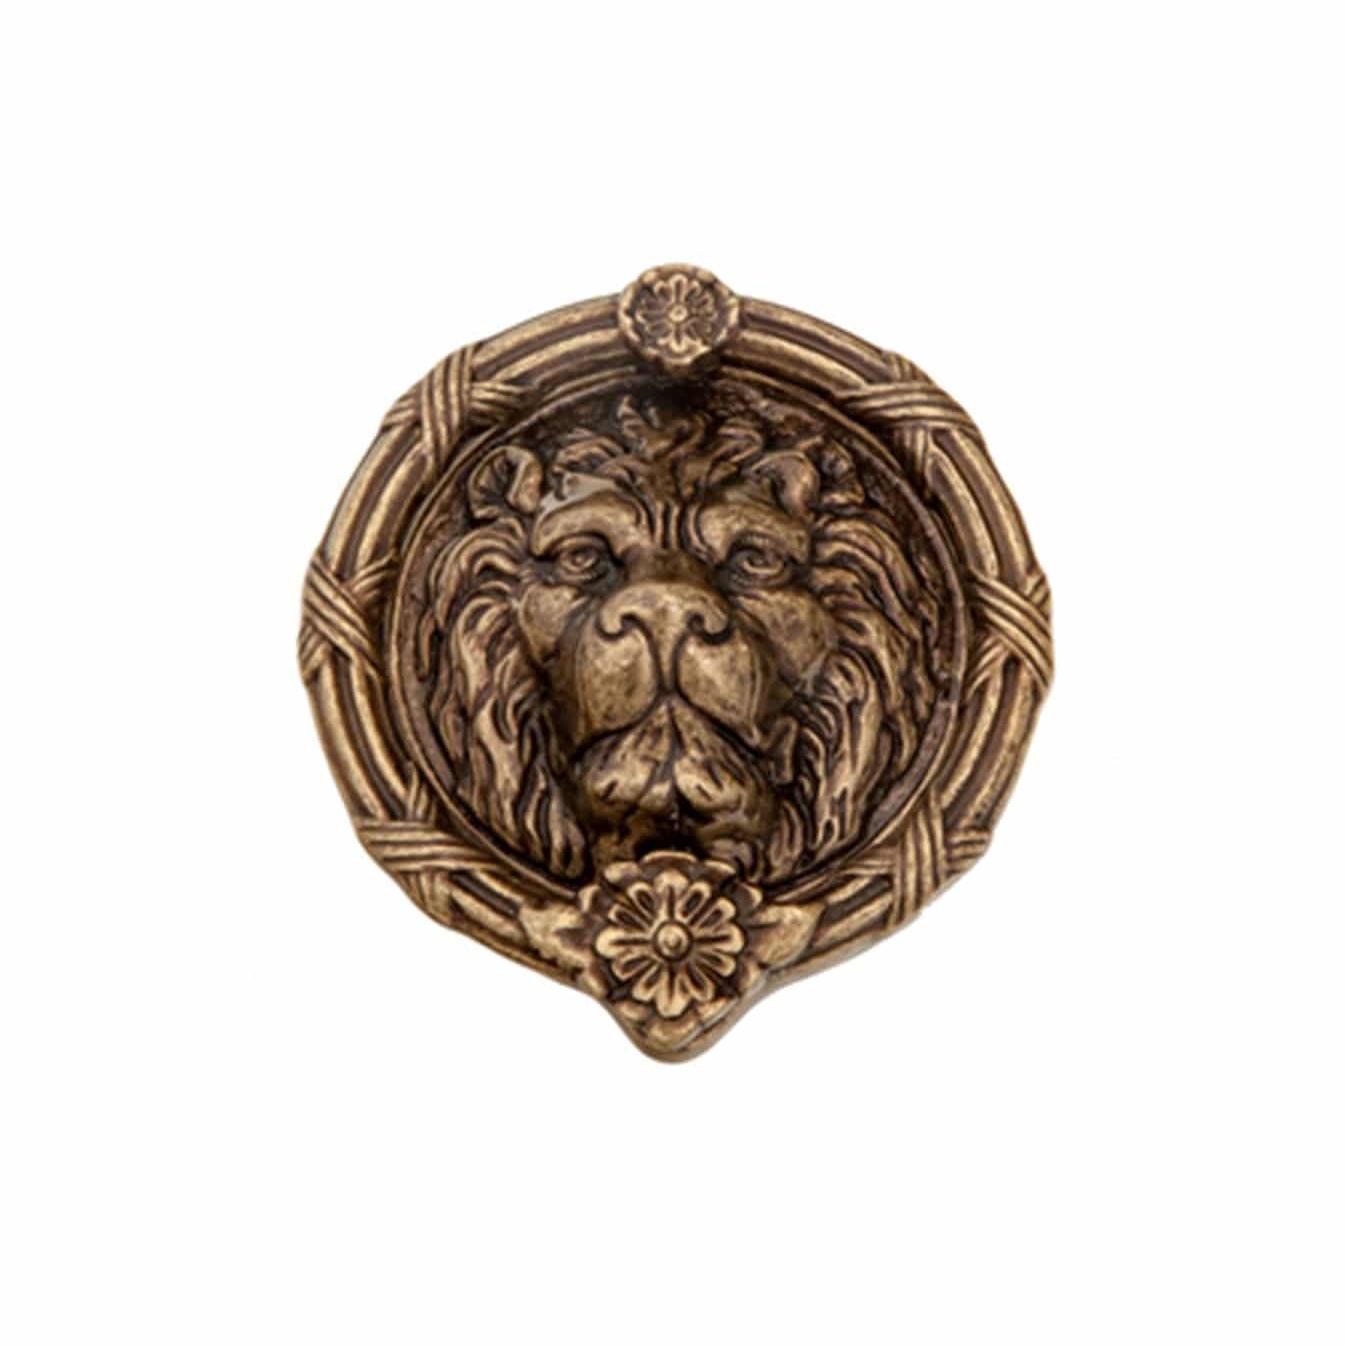 Brass Lions Head Door Knocker 8 101 Abd